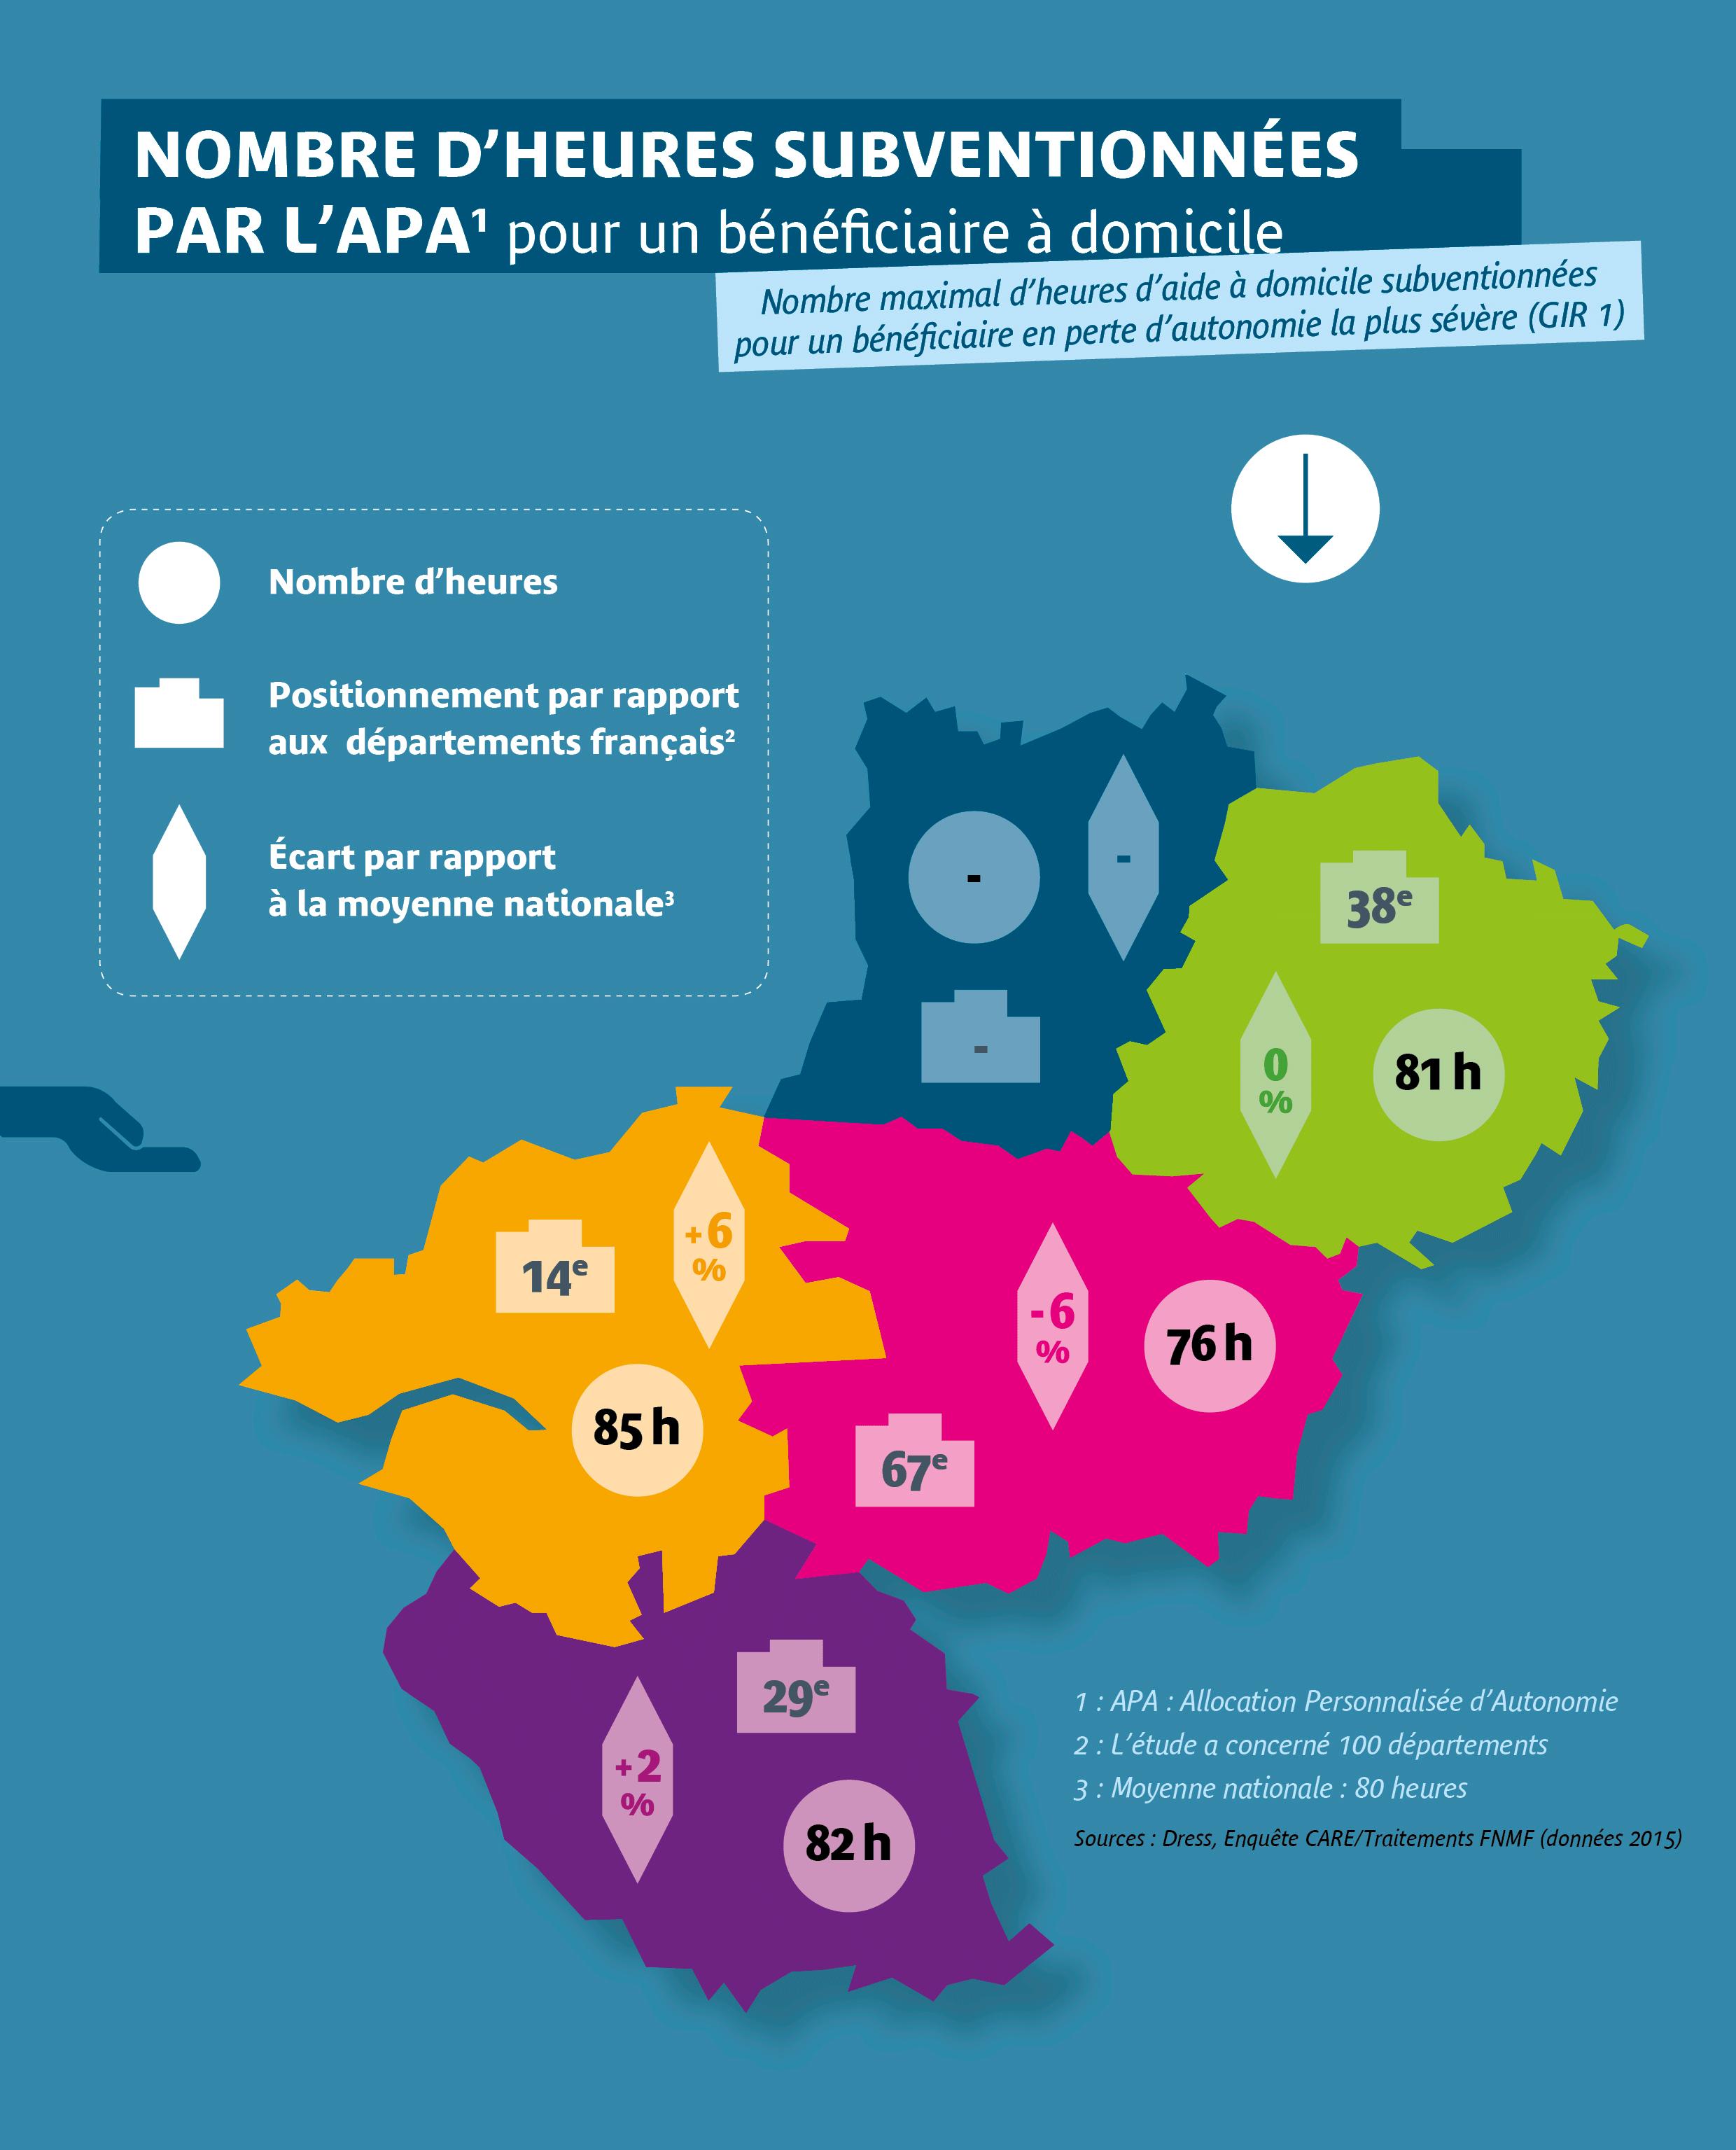 Nombre d'heures subventionnées par l'APA en Pays de la Loire